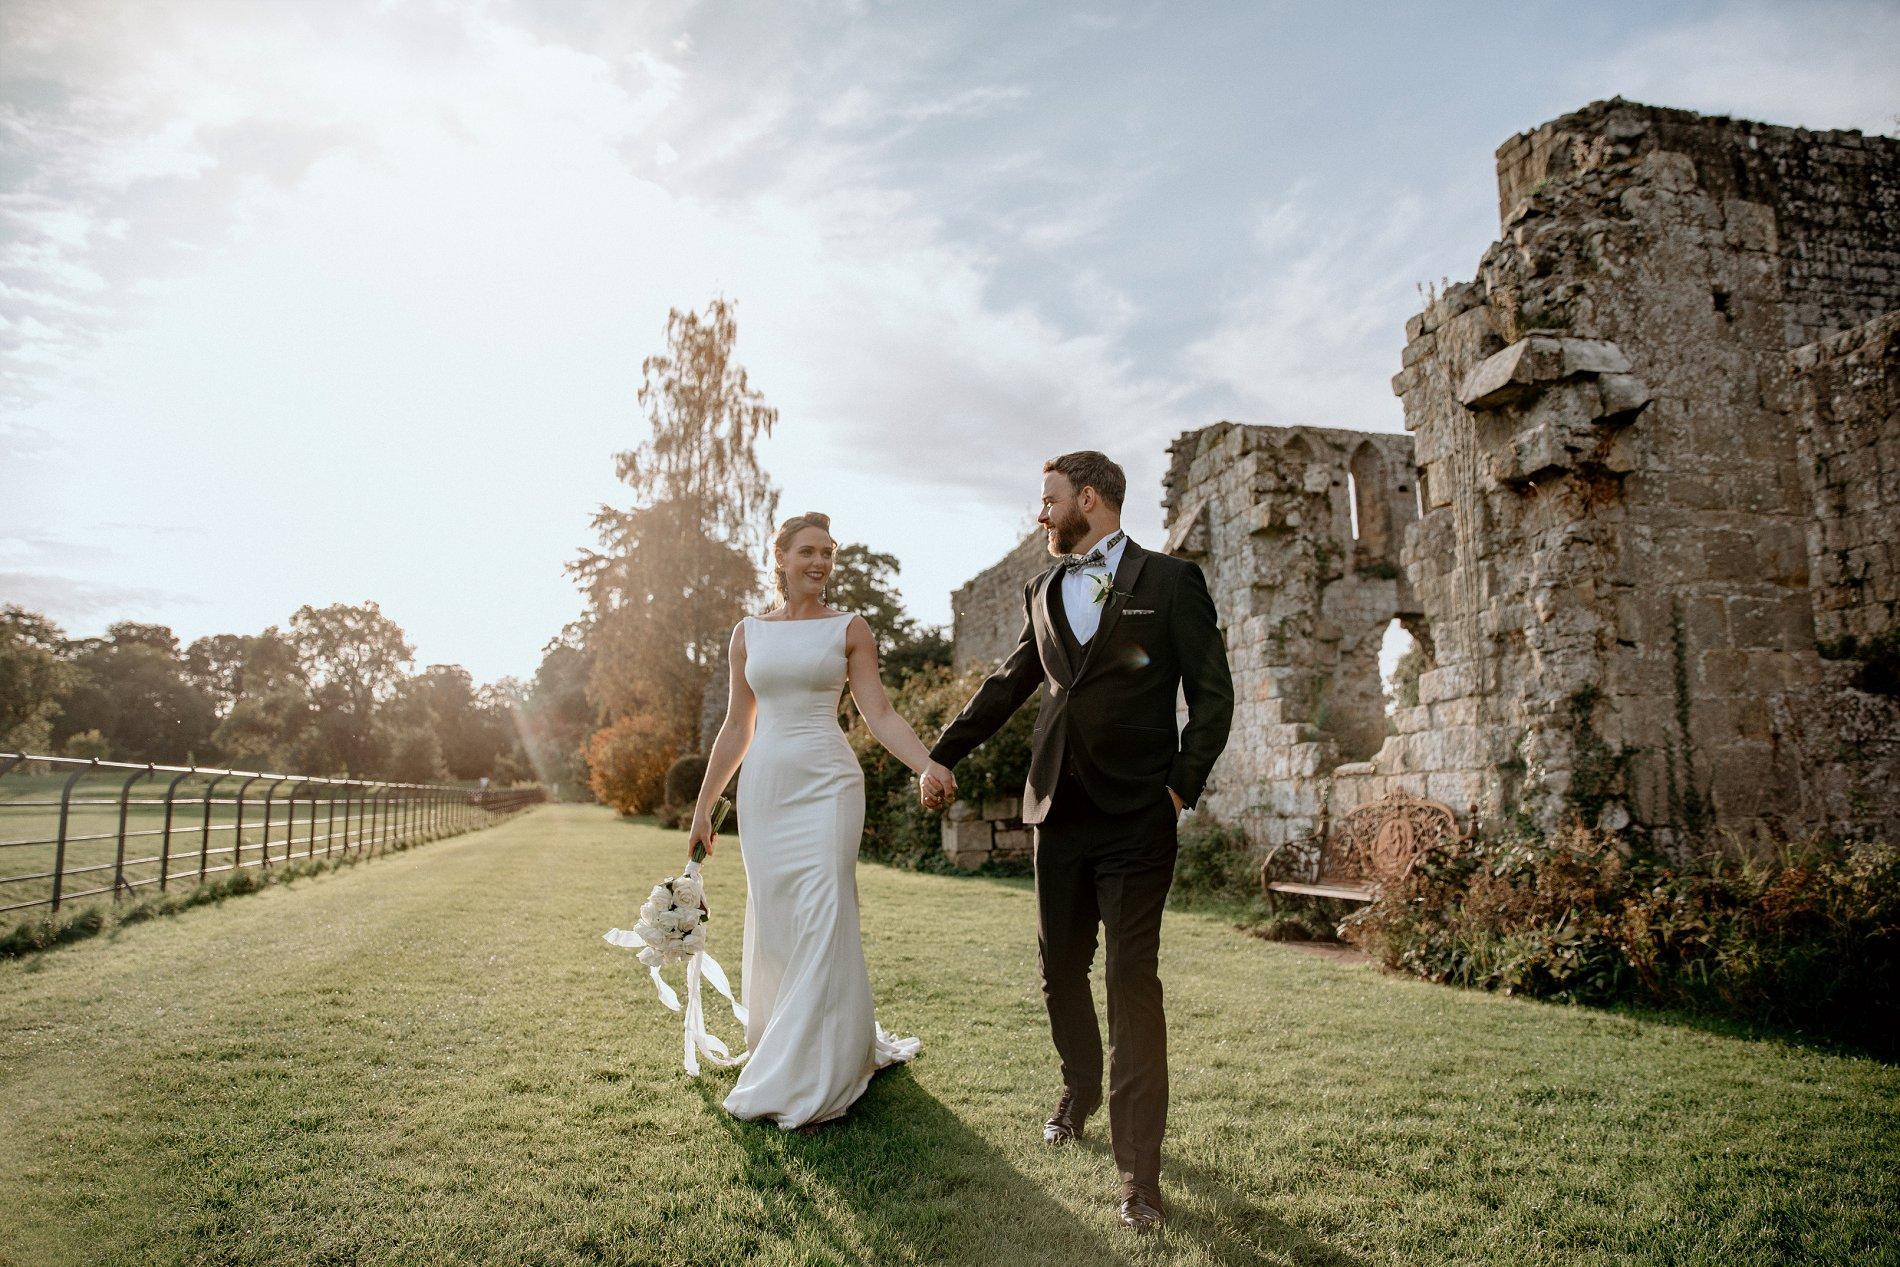 An Elegant Wedding Shoot at Jervaulx Abbey (c) Natalie Hamilton Photography (76)